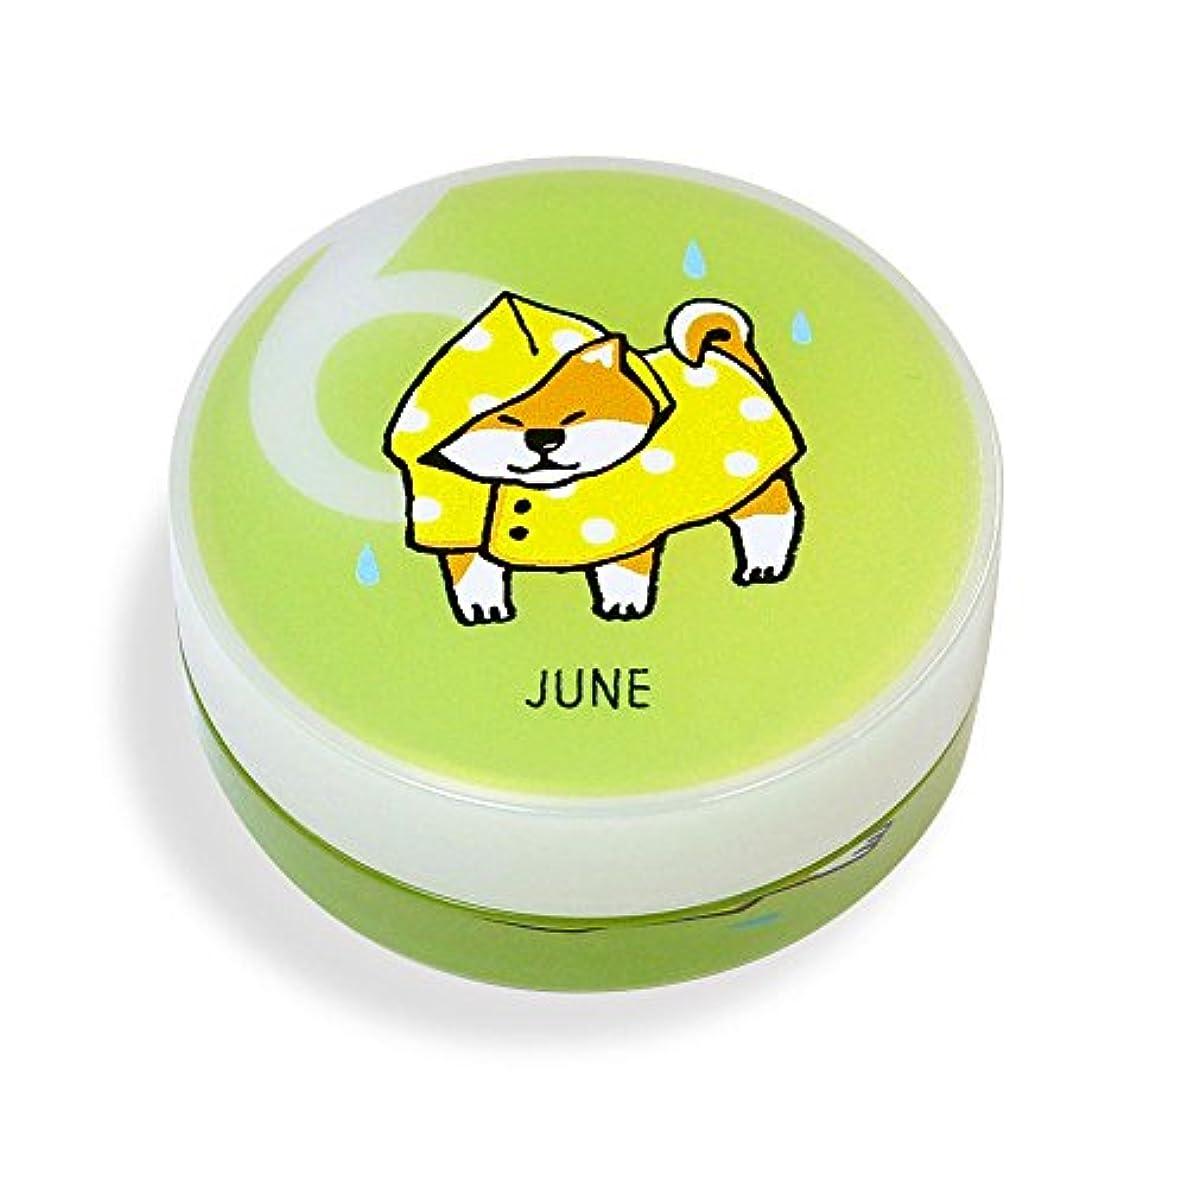 先にお少ししばんばん フルプルクリーム 誕生月シリーズ 6月 20g